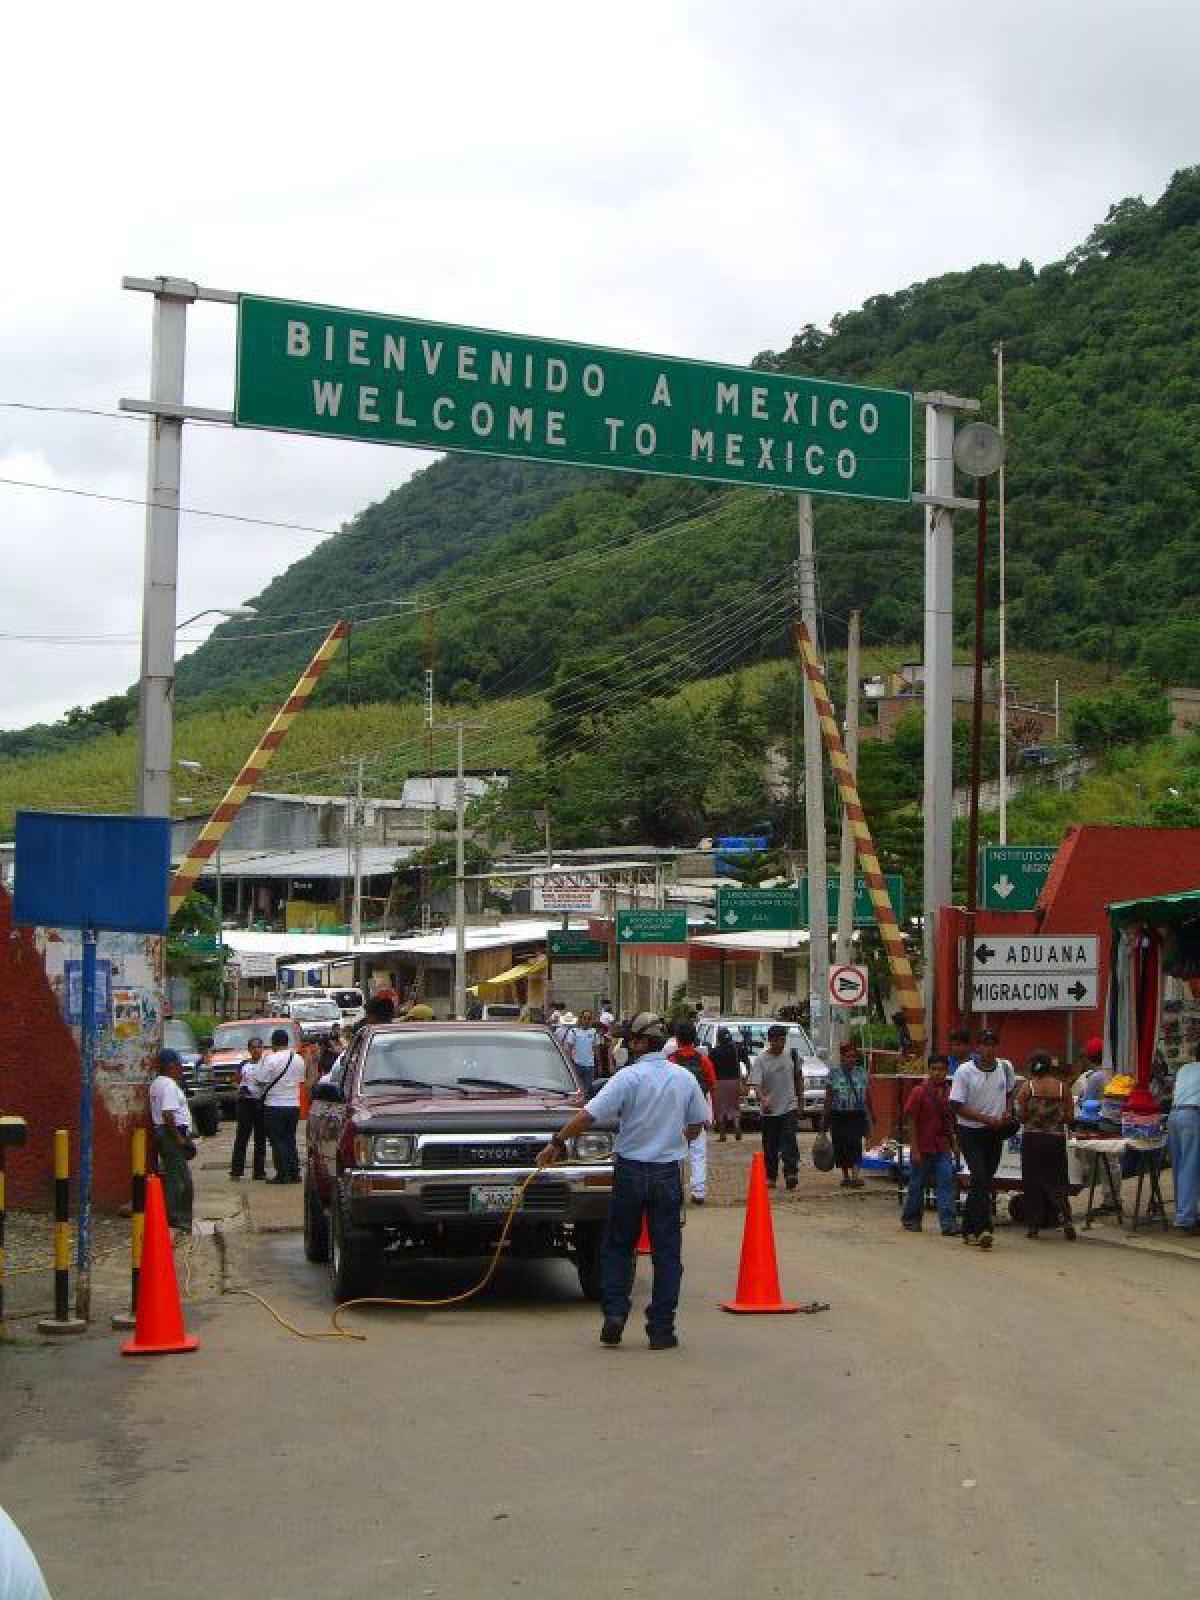 La Mesilla (Mexico border)